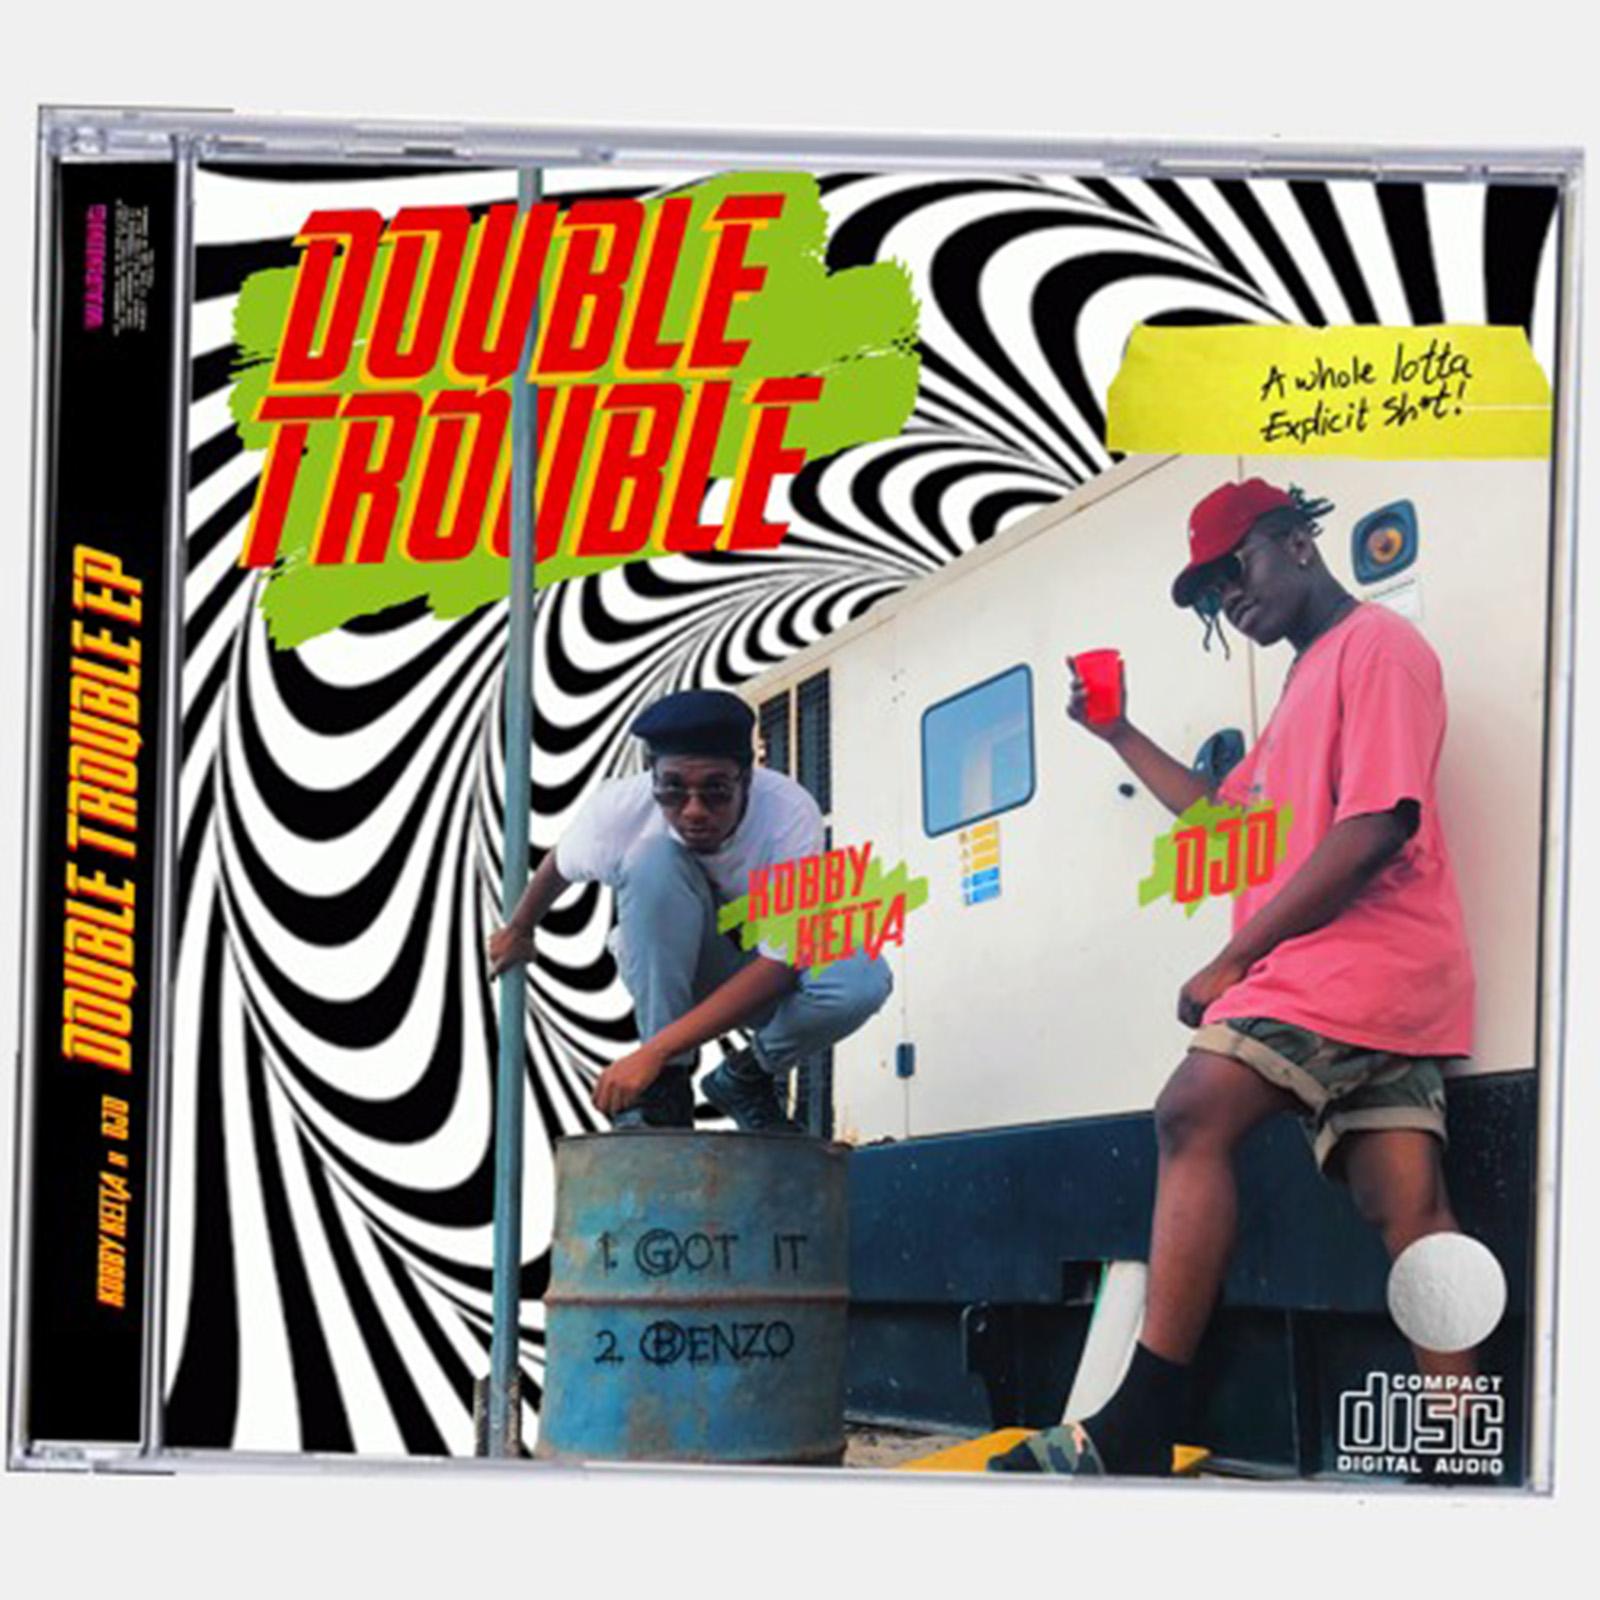 Double Trouble by Ojo & Kobby Keita